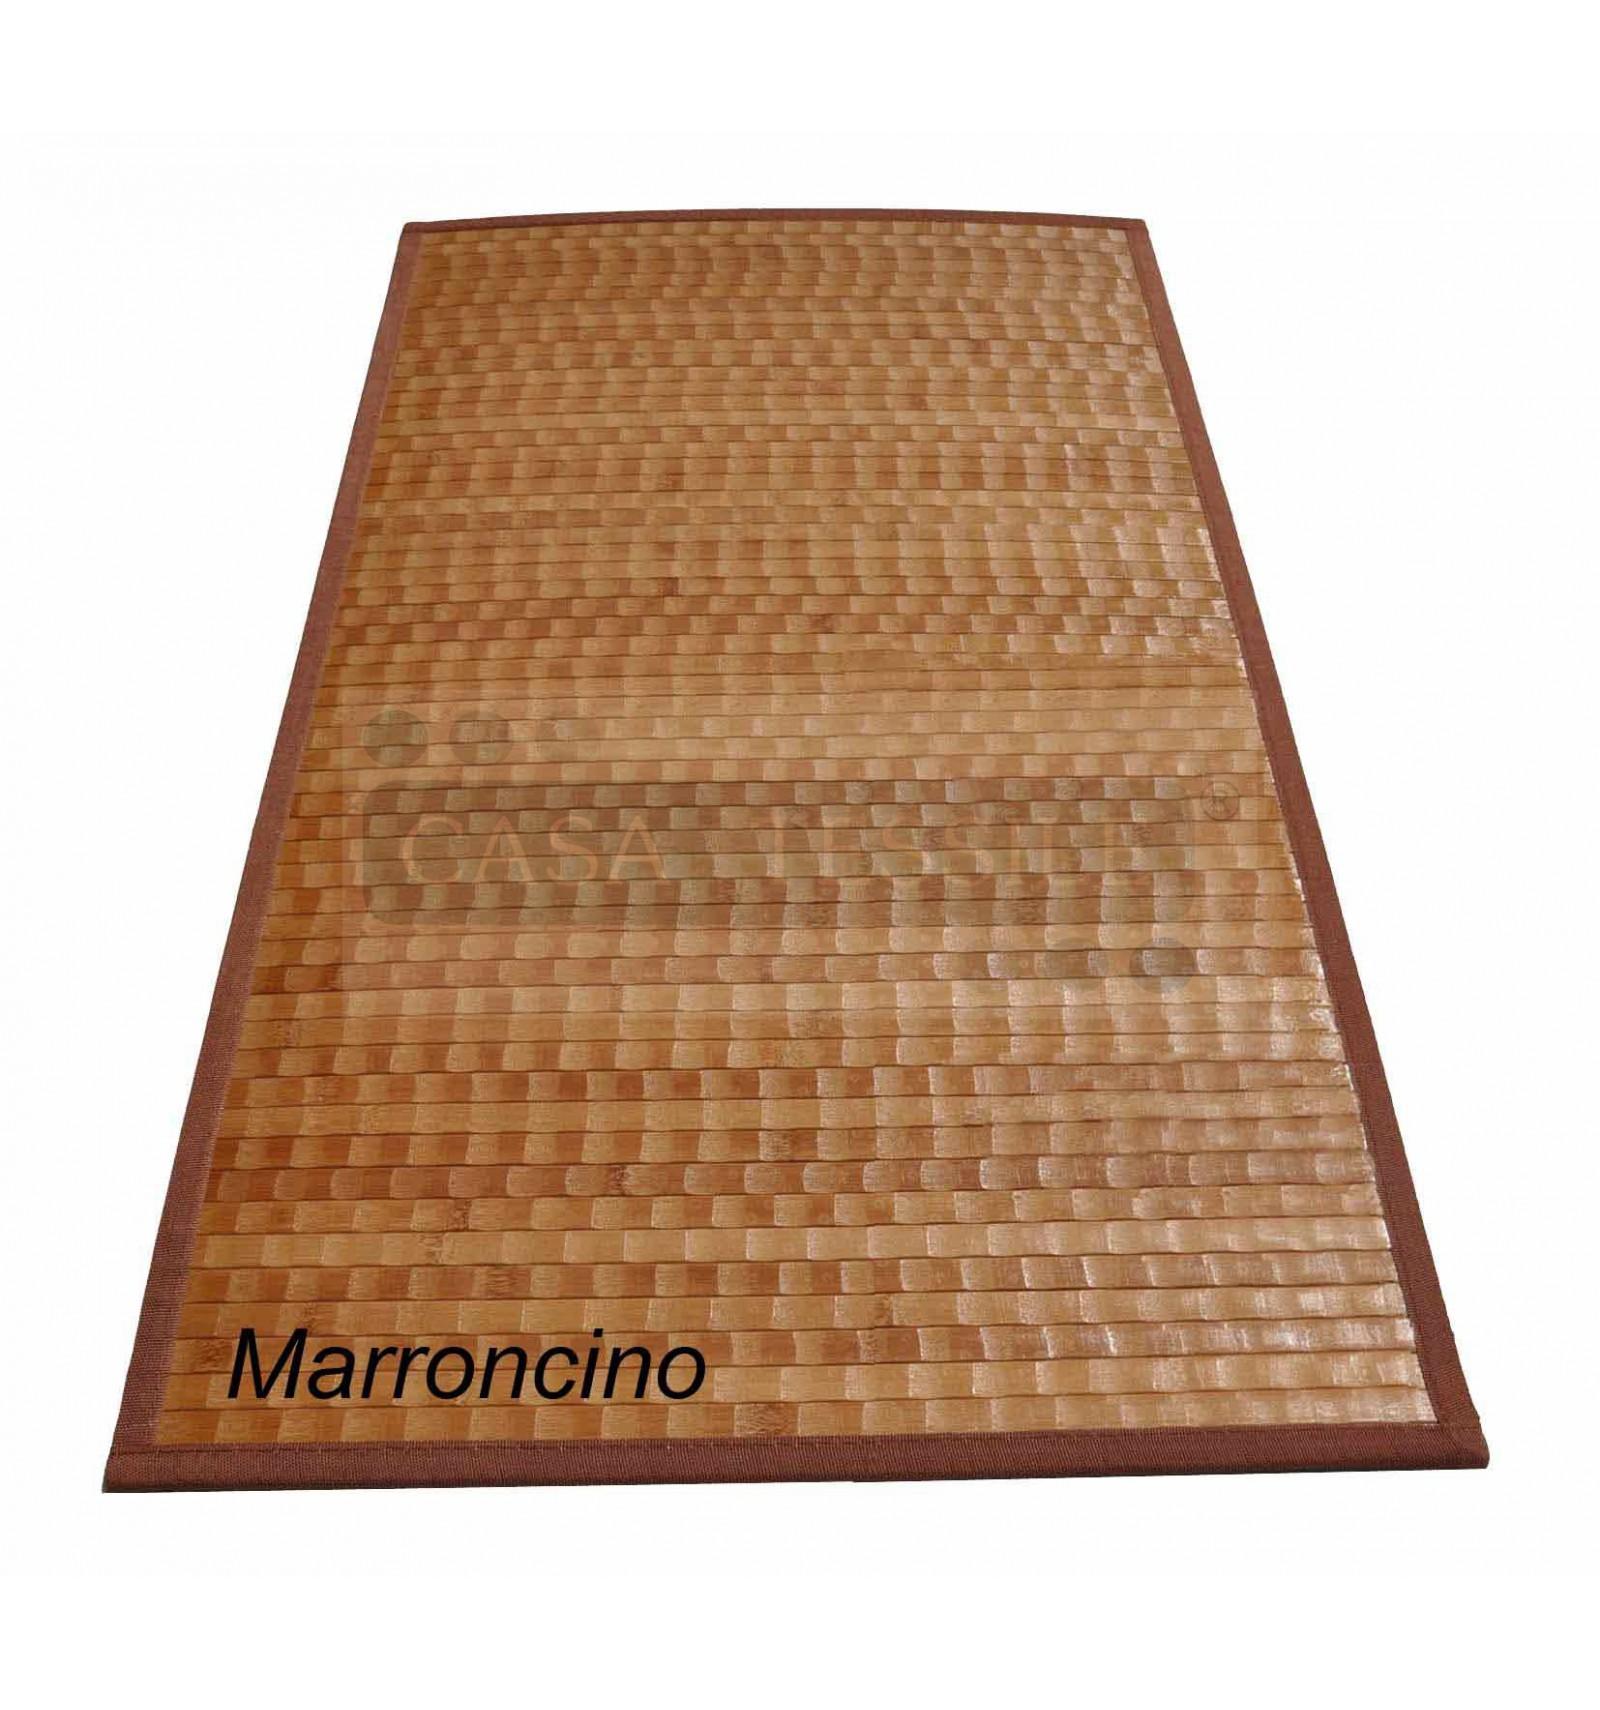 Bamboo tamburato tappeto passatoia cm 200x300 casa tessile - Tappeto 200x300 ...